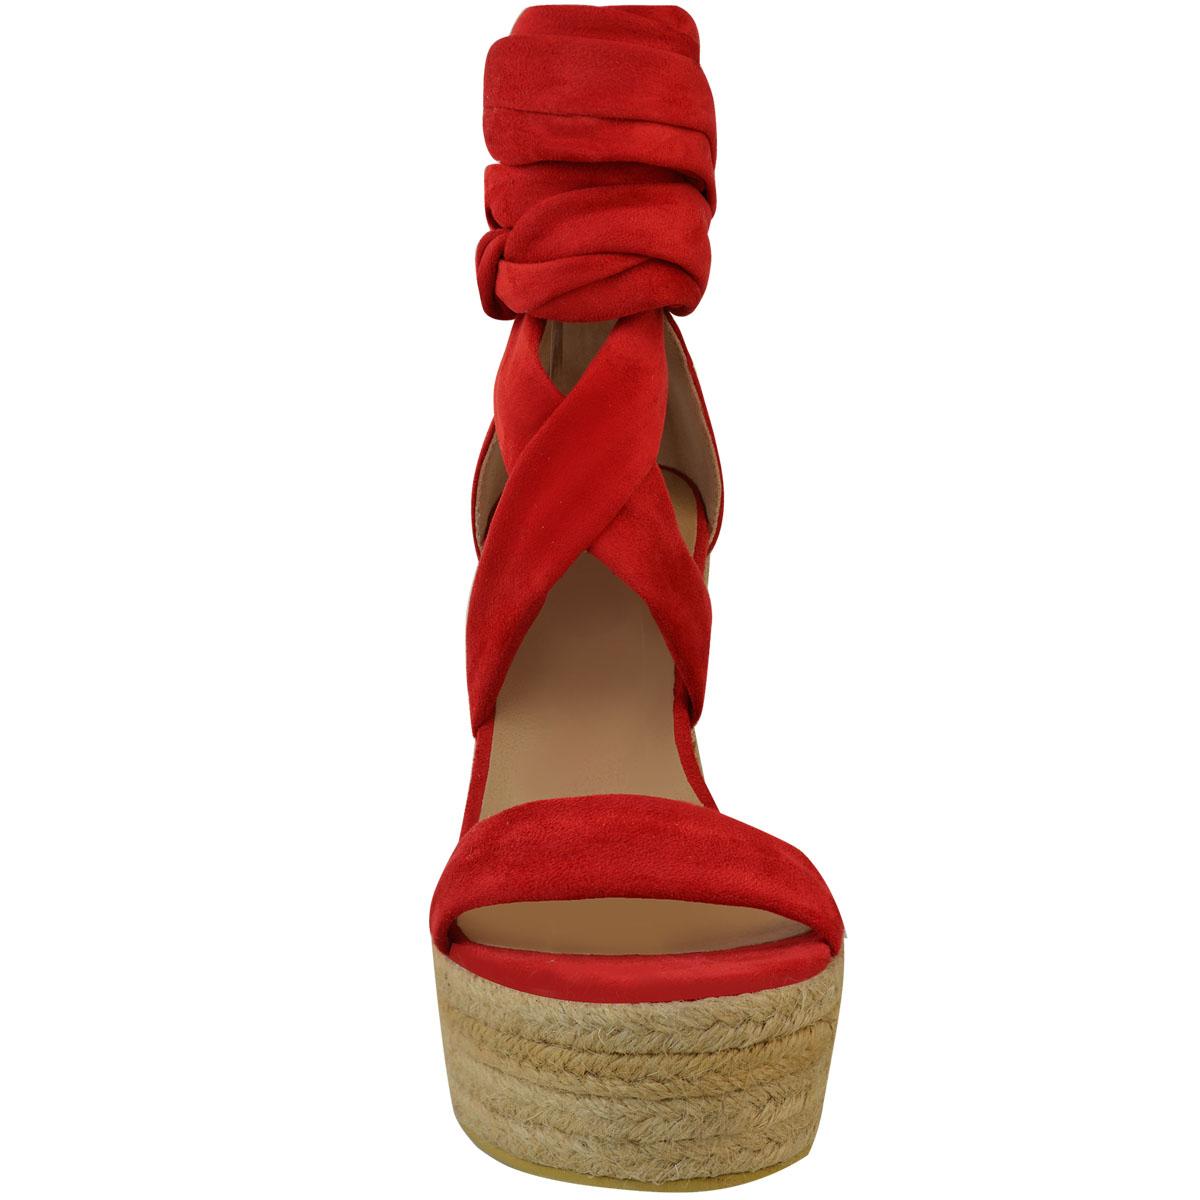 Zeppa-Tacco-Alto-Sandali-Estivi-Donna-Espadrillas-Platfrom-Caviglia-pizzo-cravatta